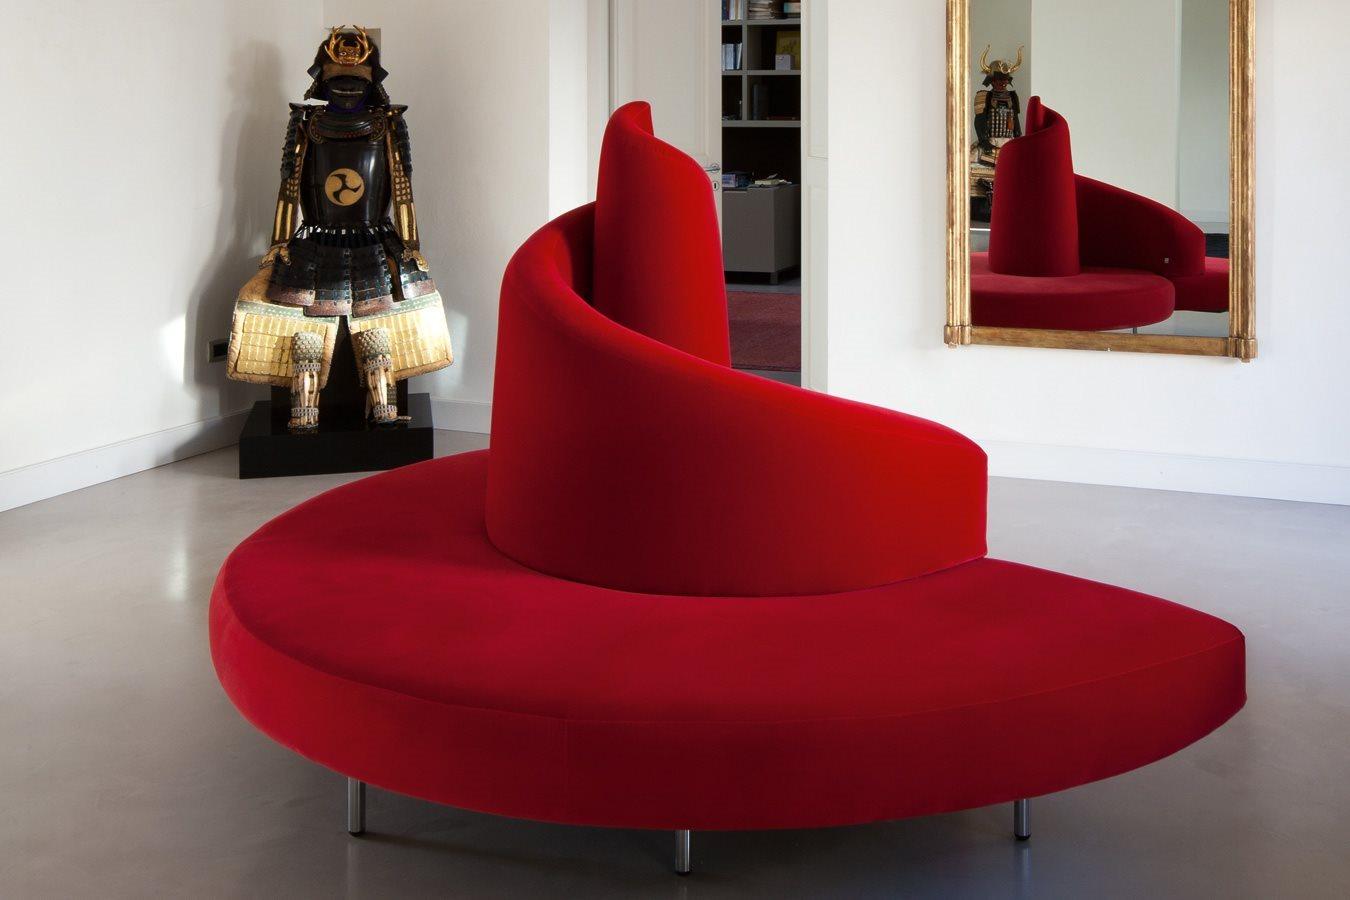 أريكة عصرية غريبة 1ب الراحة والعصرية في تصميمات أرائك غريبة وغير تقليدية